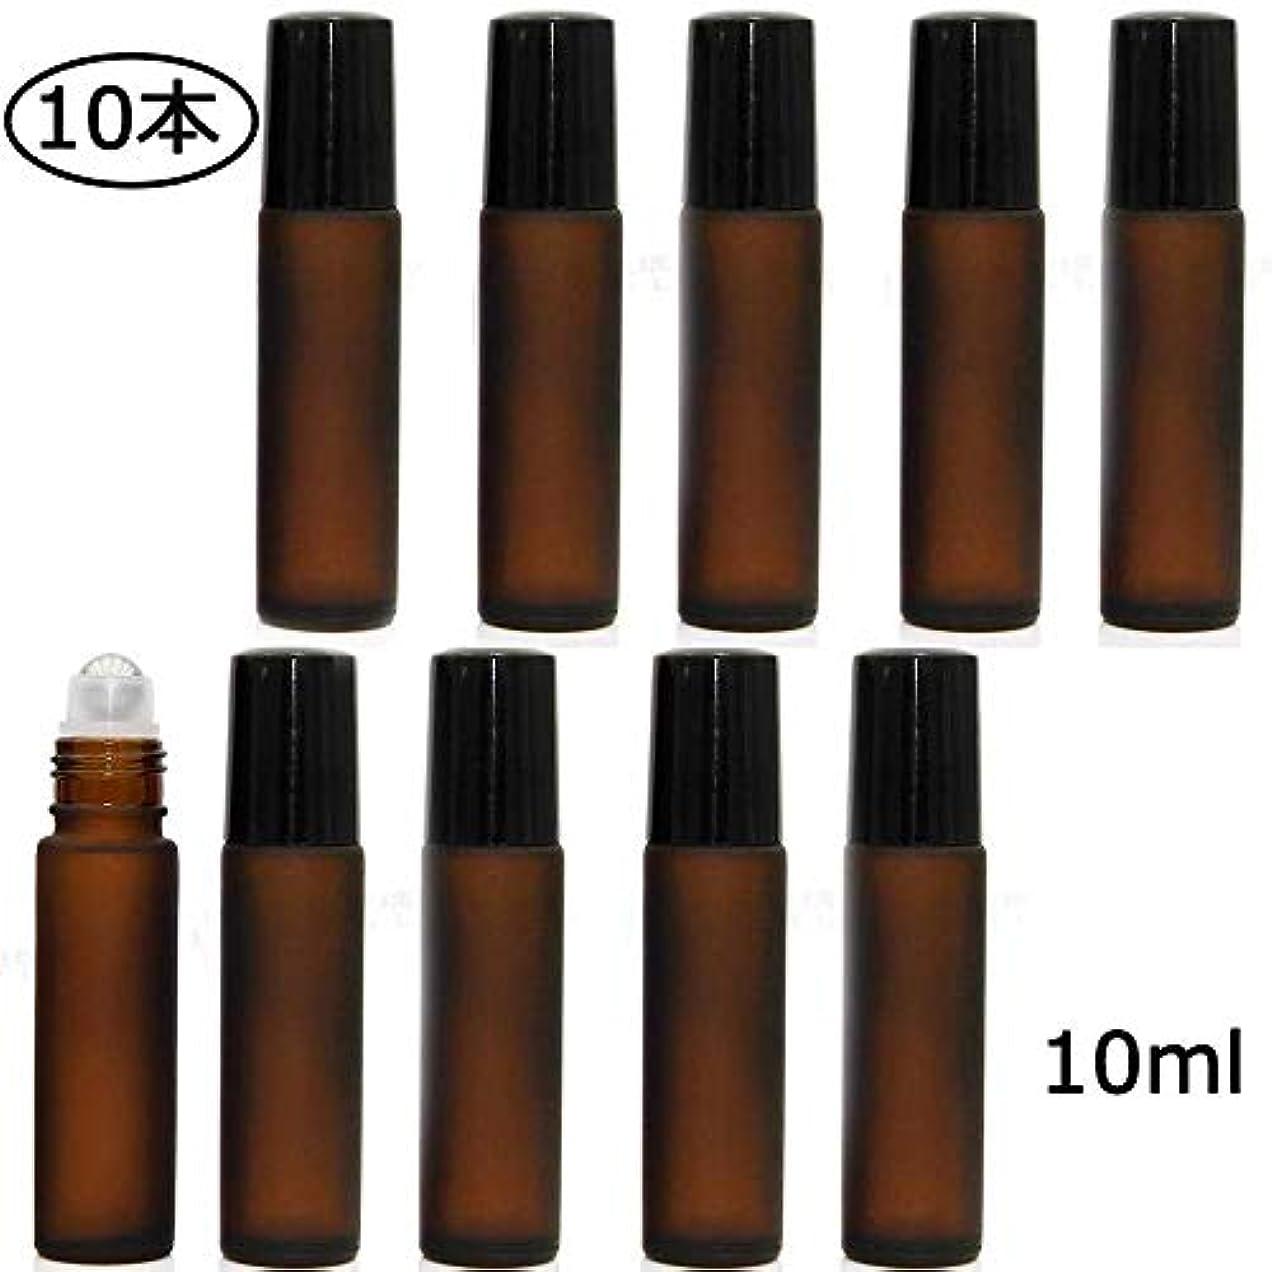 脇に瀬戸際従来のgundoop ロールオンボトル アロマオイル 精油 小分け用 遮光瓶 10ml 10本セット ガラスロールタイプ (茶色)